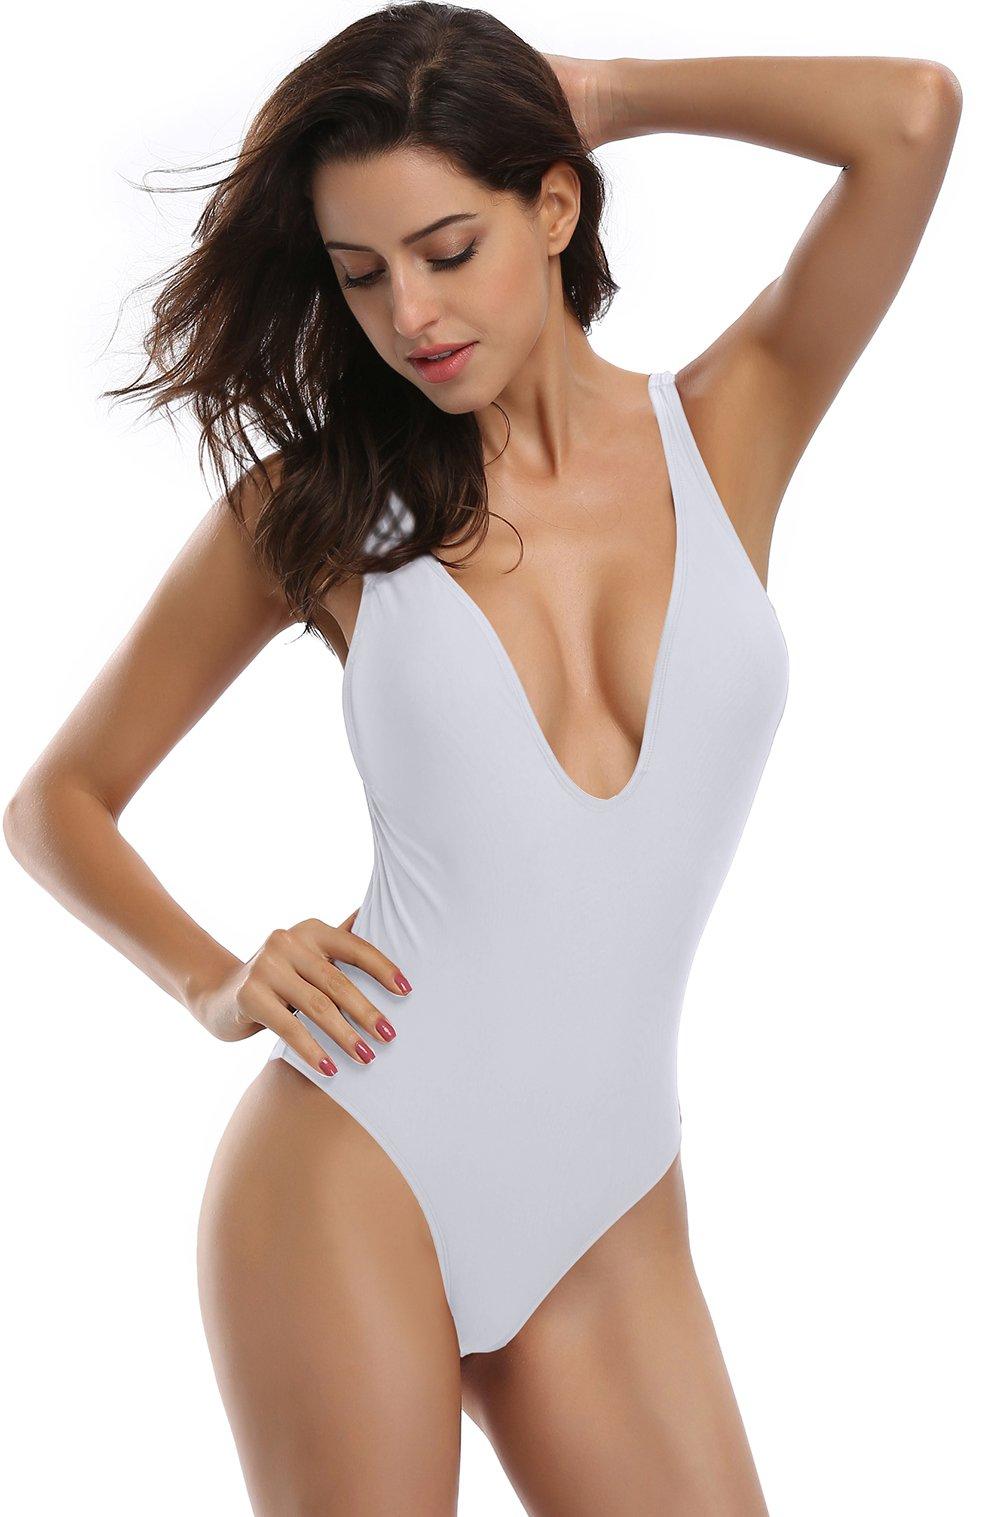 SHEKINI Donne Un Pezzo Bikini Donna High Cut Costume Intero Mare e Piscina Costumi da Bagno Donna Intero Beachwear… 3 spesavip